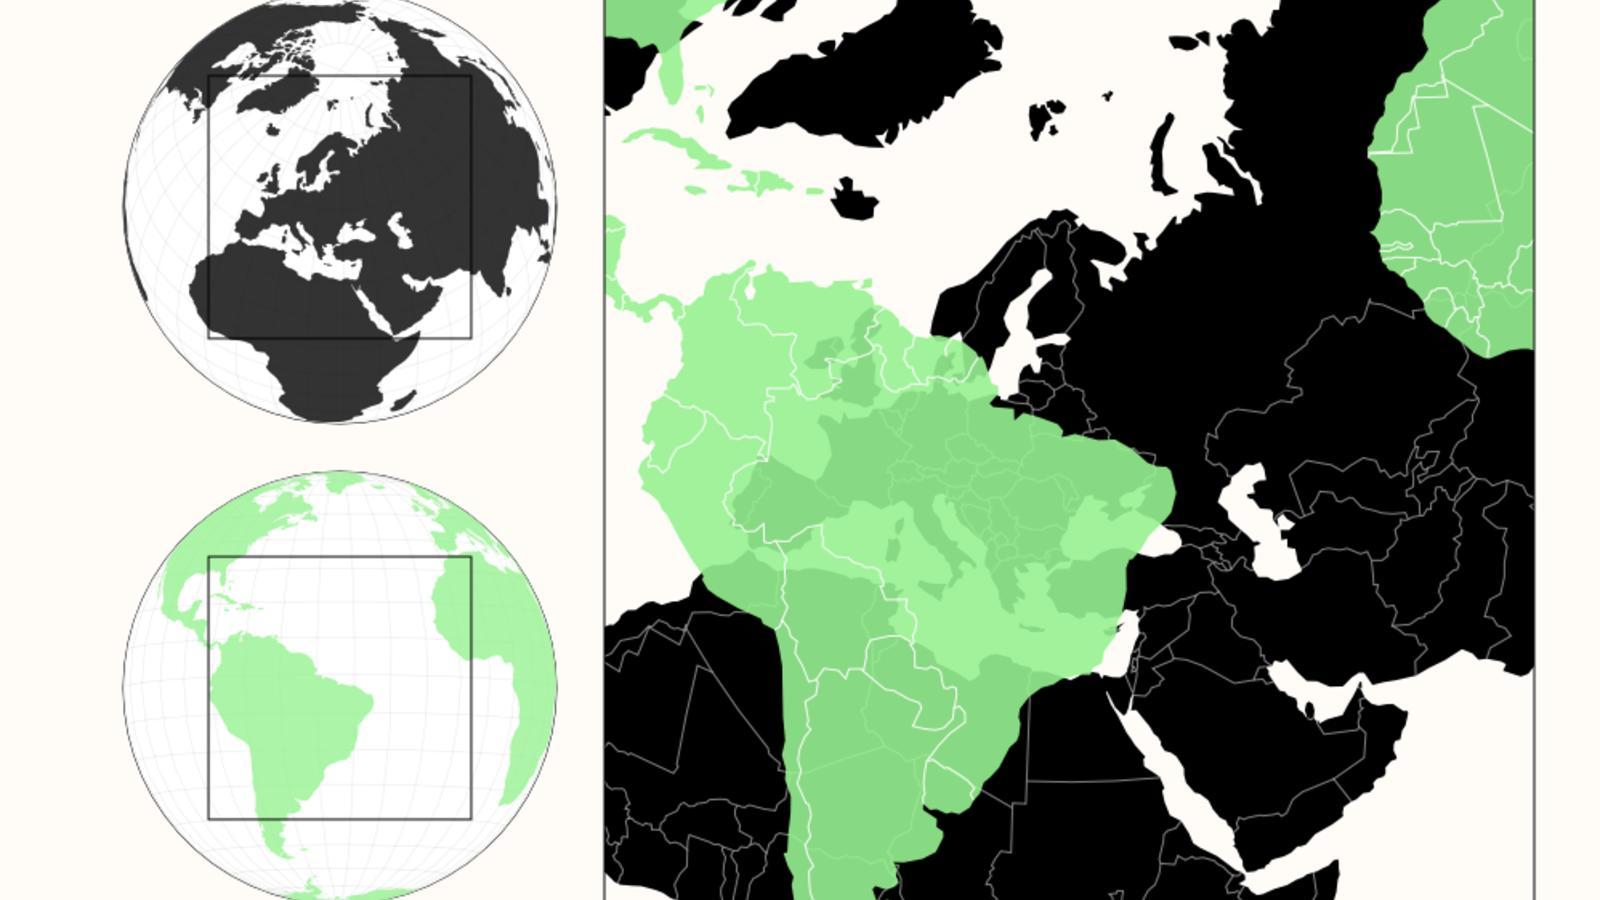 Gute Karten Weltkarten overlay